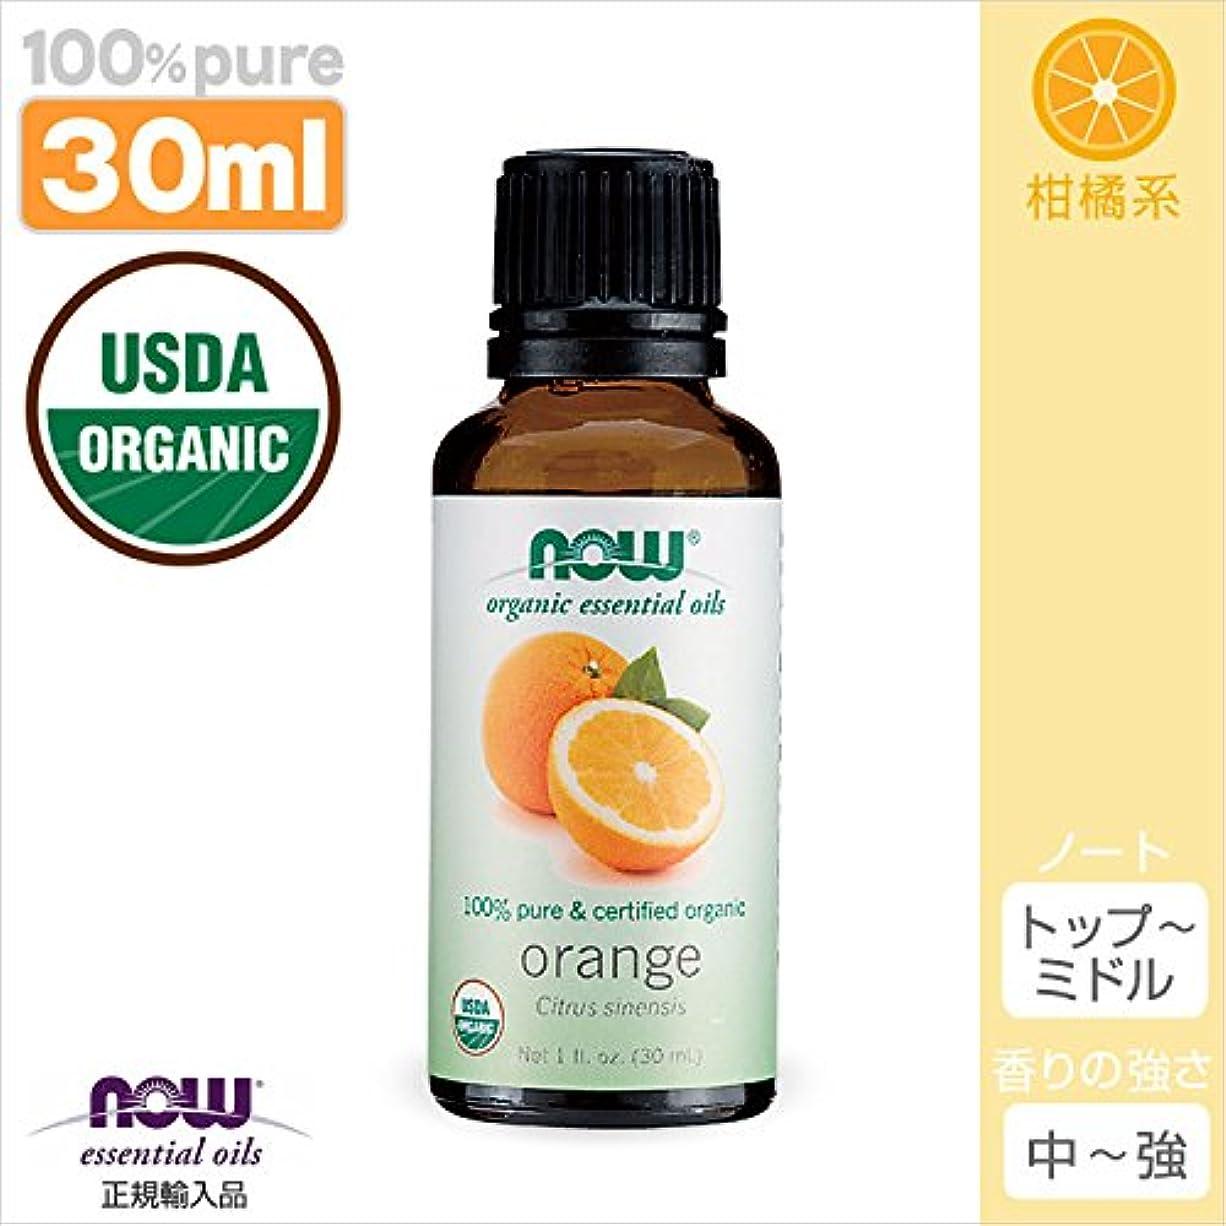 つぶす書士本当にオレンジ精油オーガニック[30ml] 【正規輸入品】 NOWエッセンシャルオイル(アロマオイル)